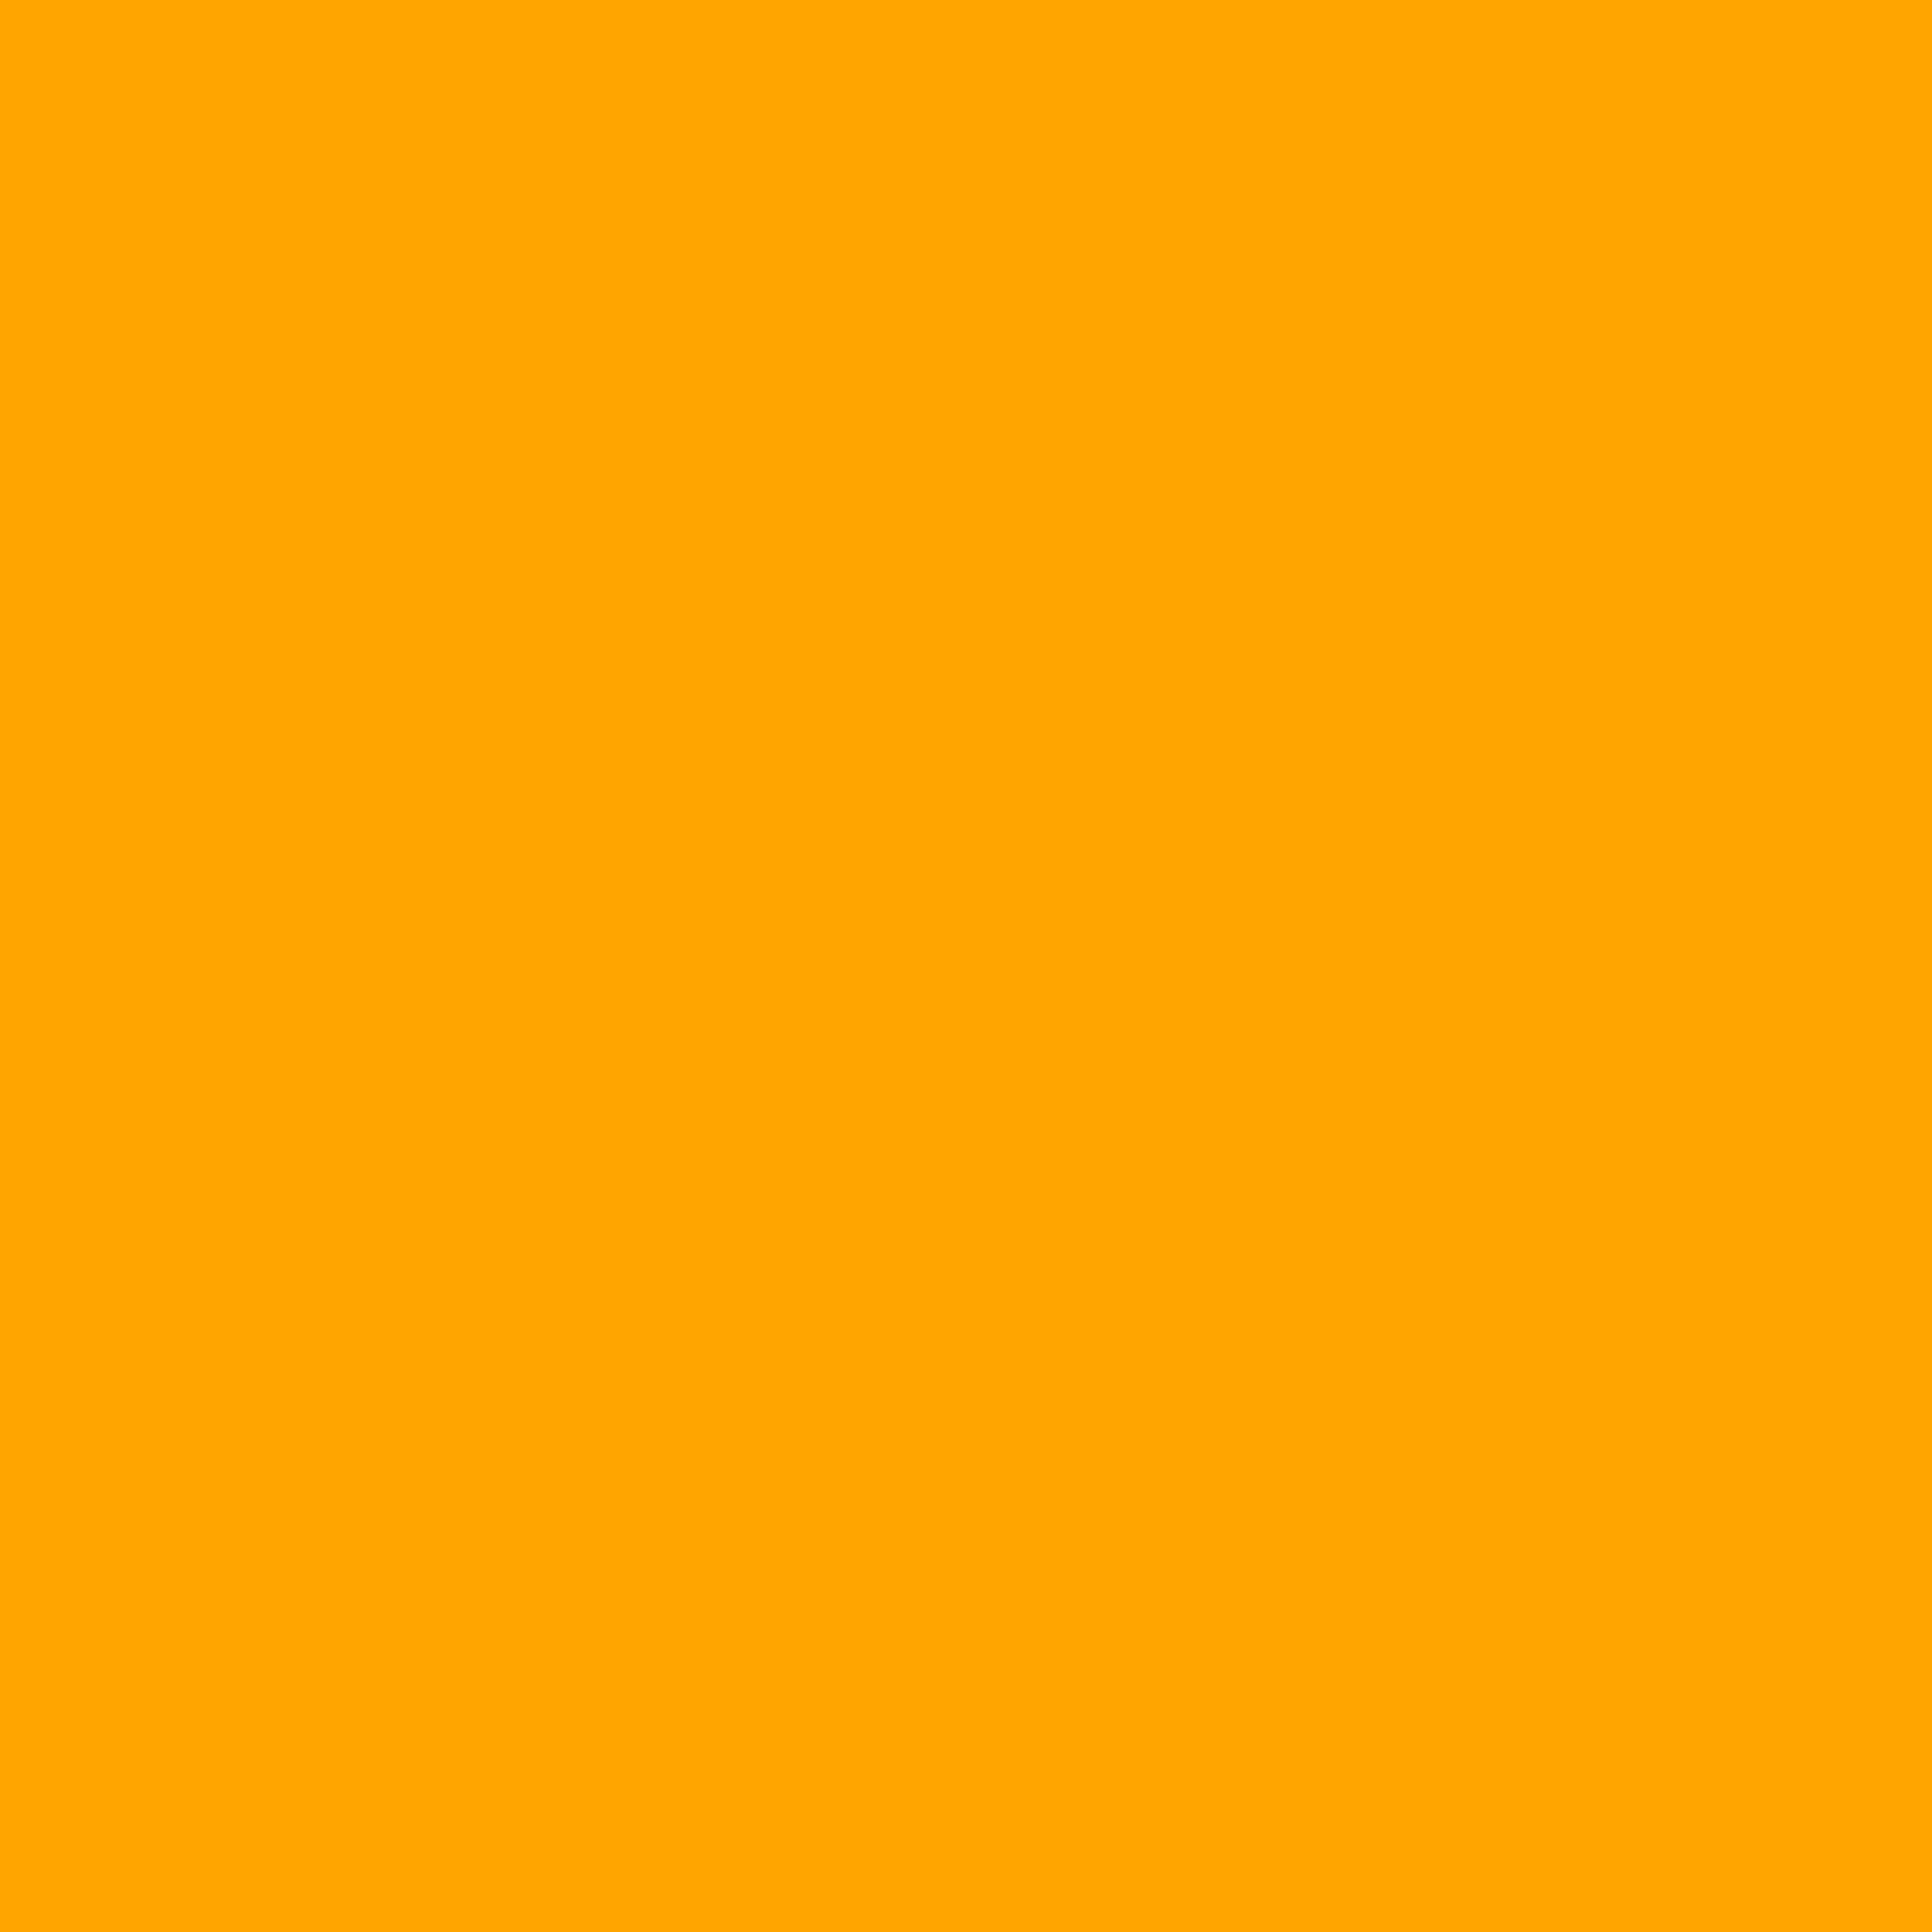 2732x2732 Orange Web Solid Color Background